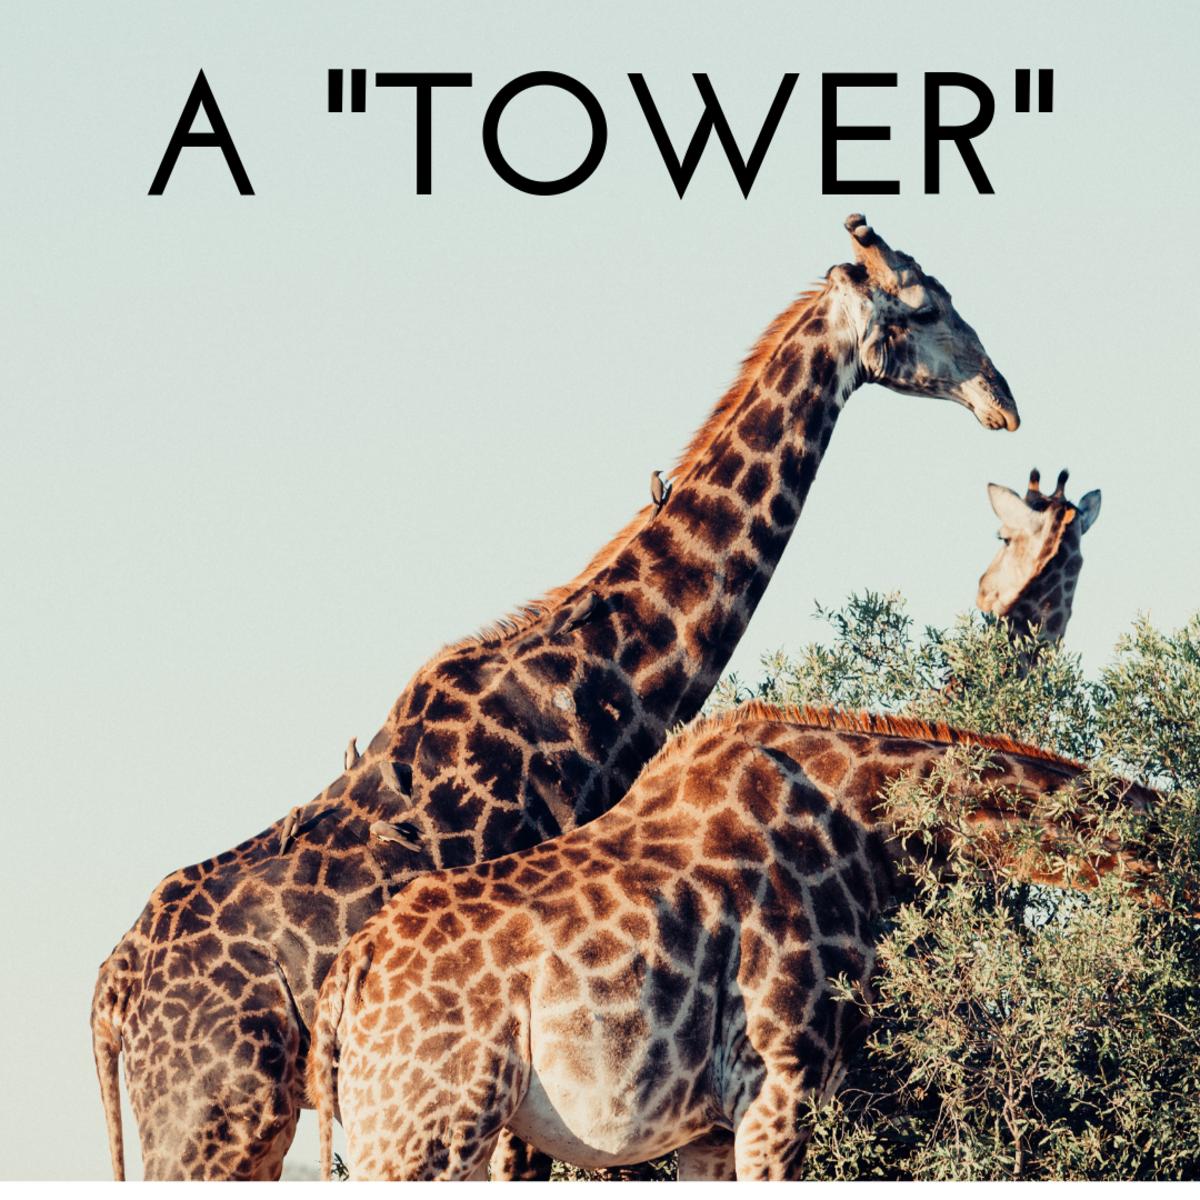 A tower of giraffes.